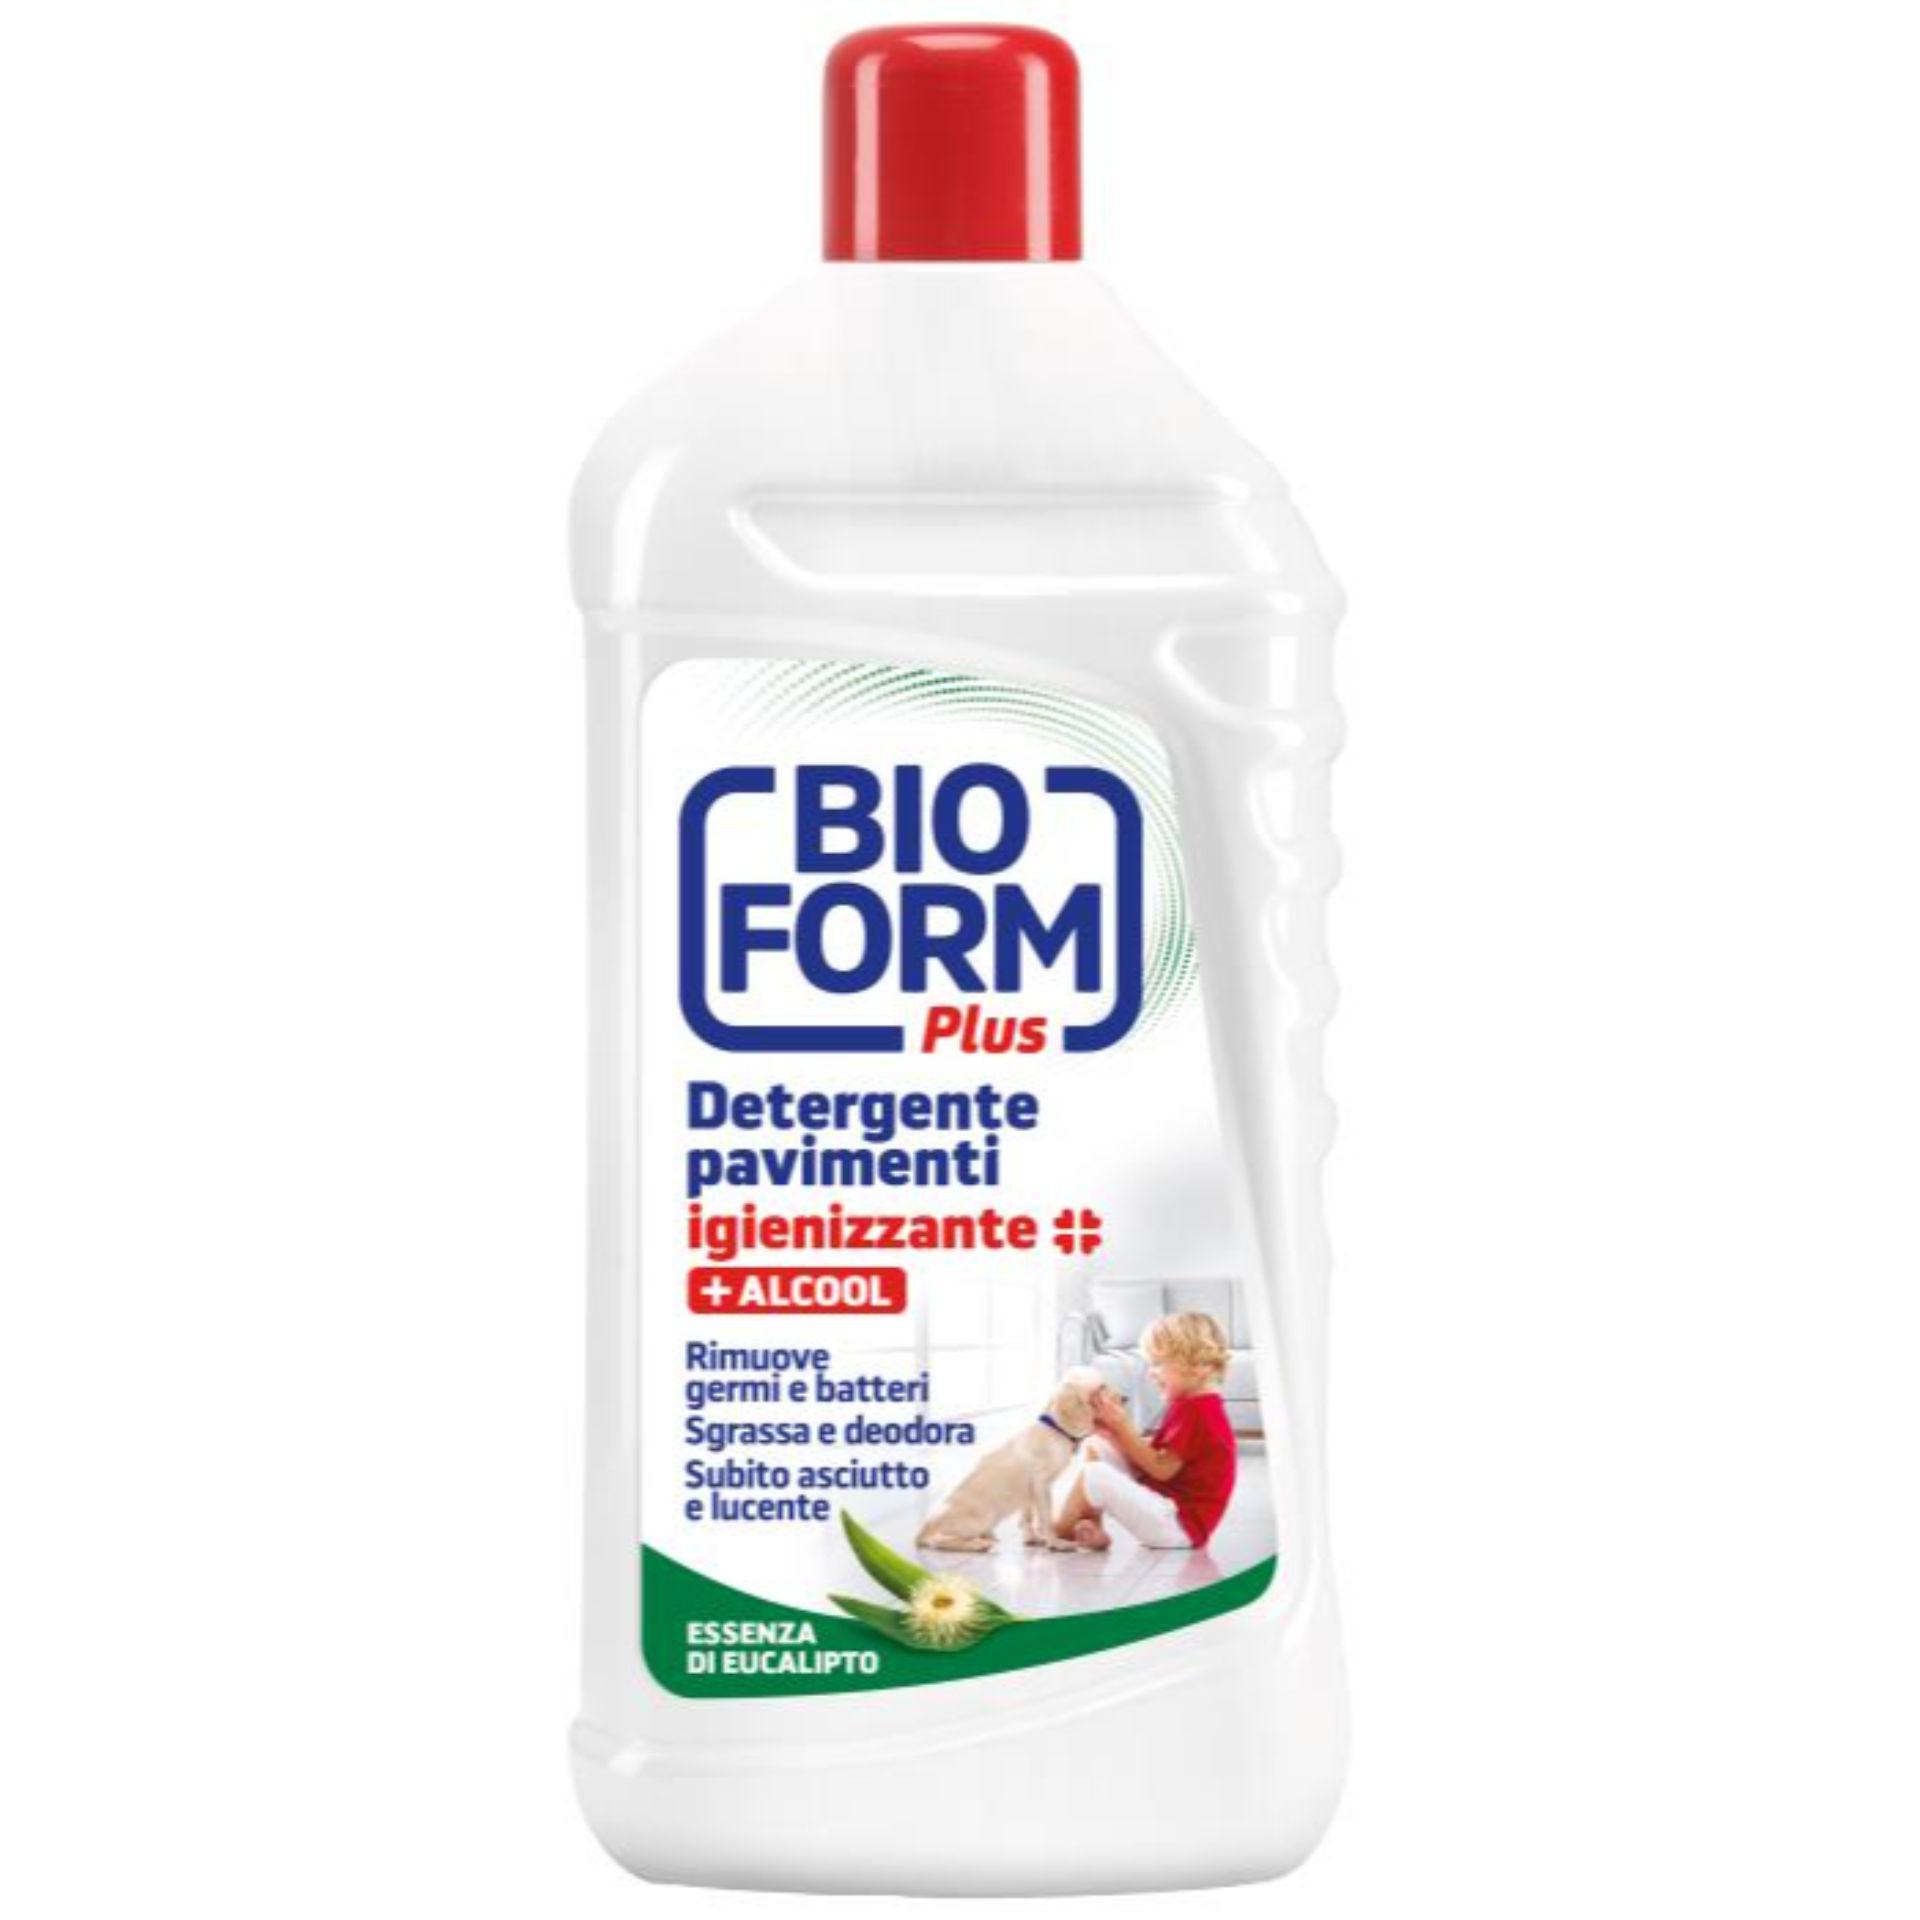 BIOFORM PLUS DETERGENTE PAVIM 1,5LT